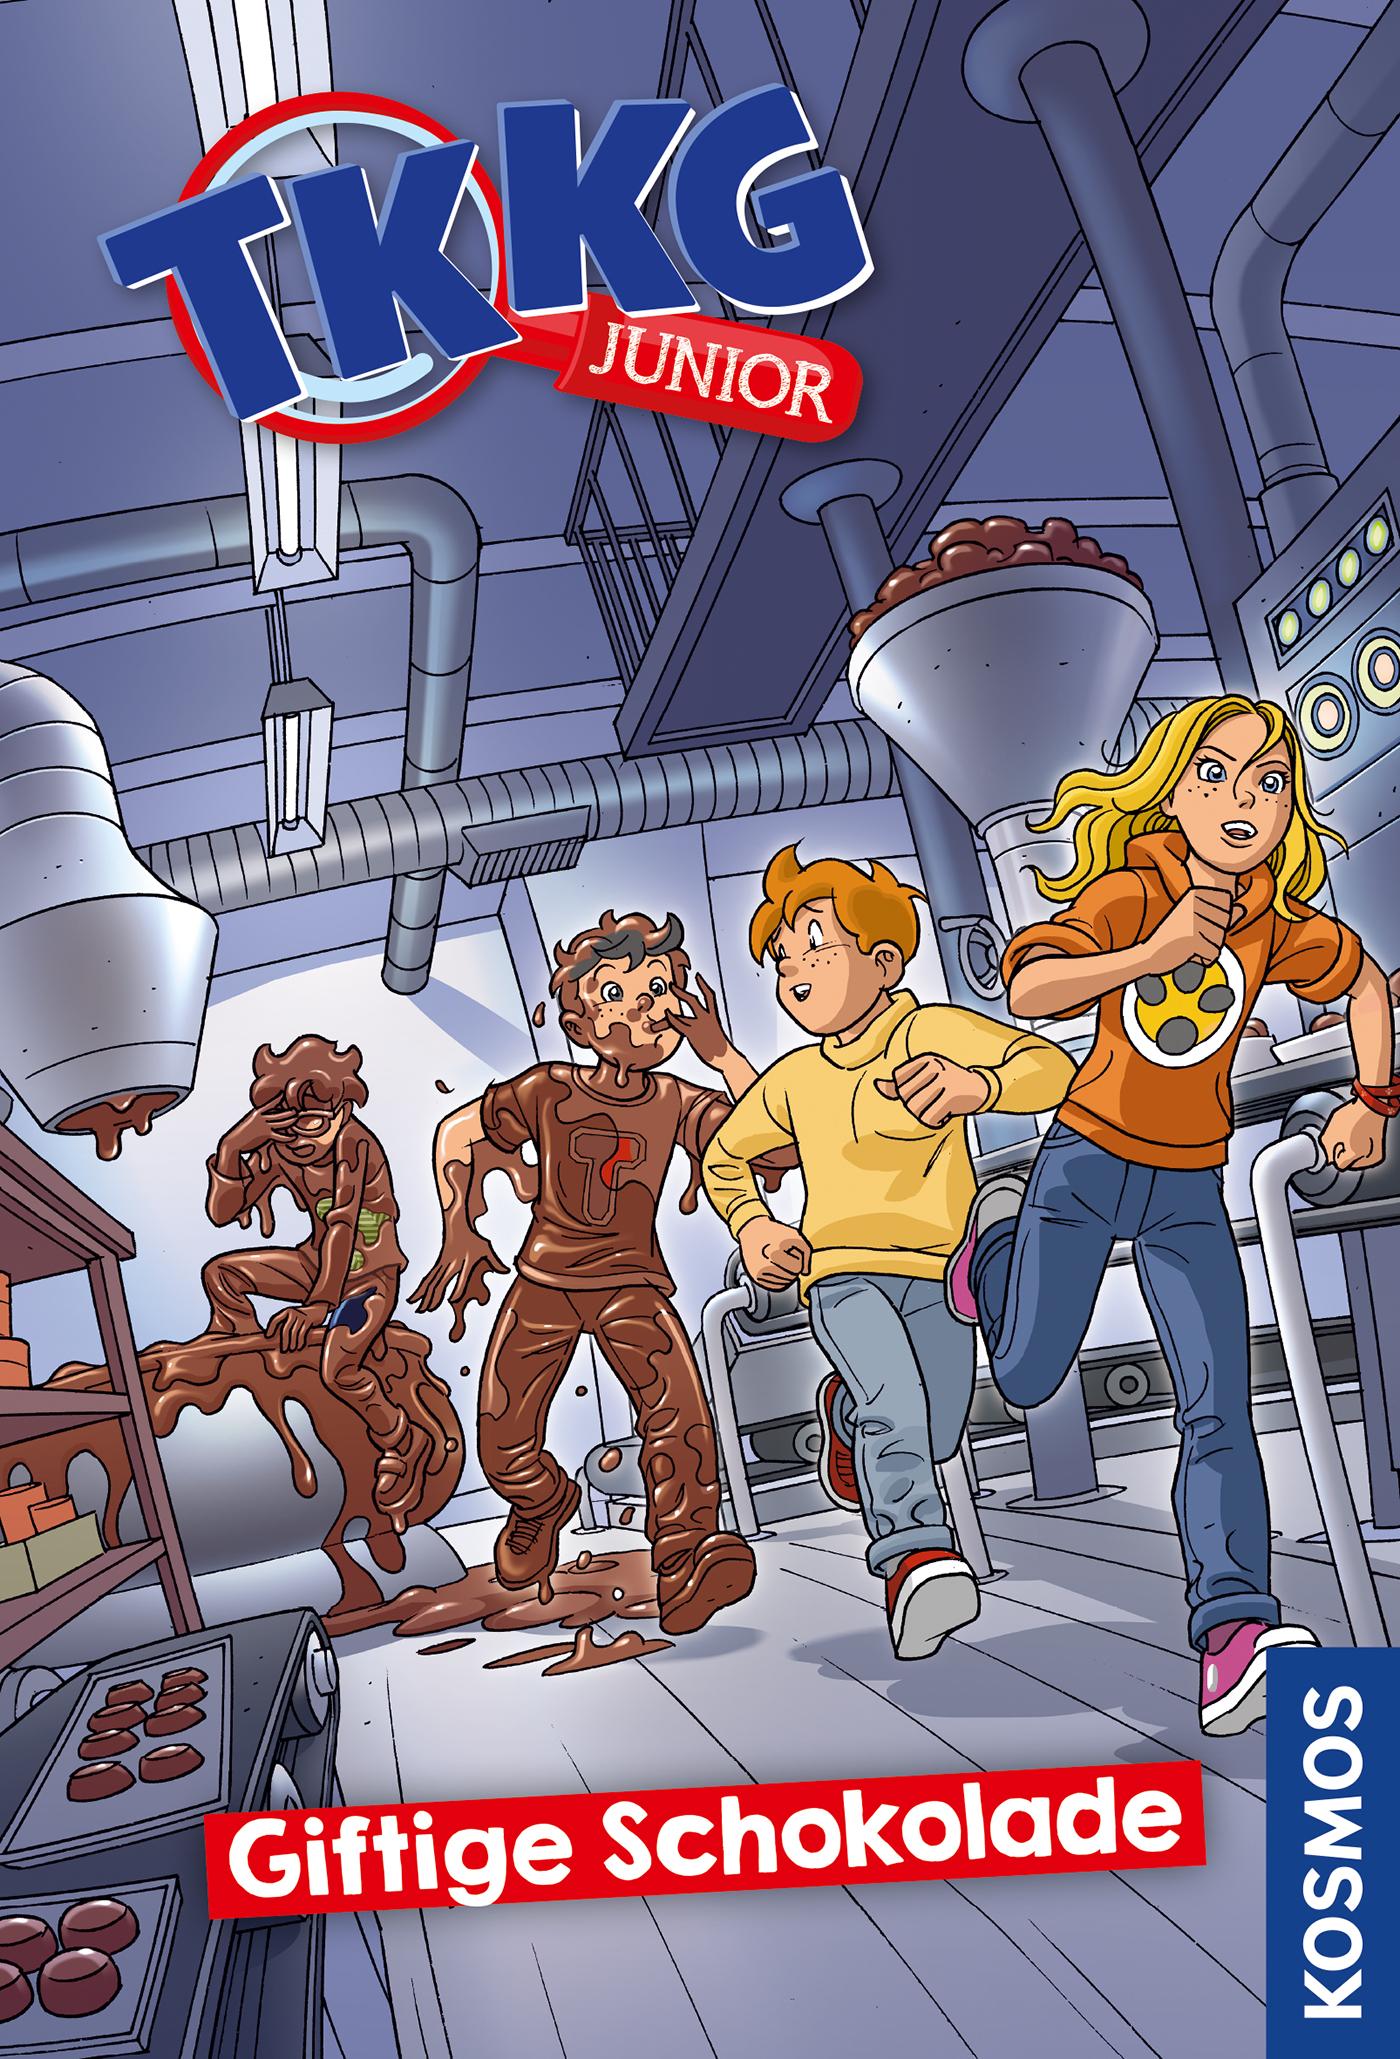 Cover Giftige Schokolade Reihe TKKG Junior Bd. 3